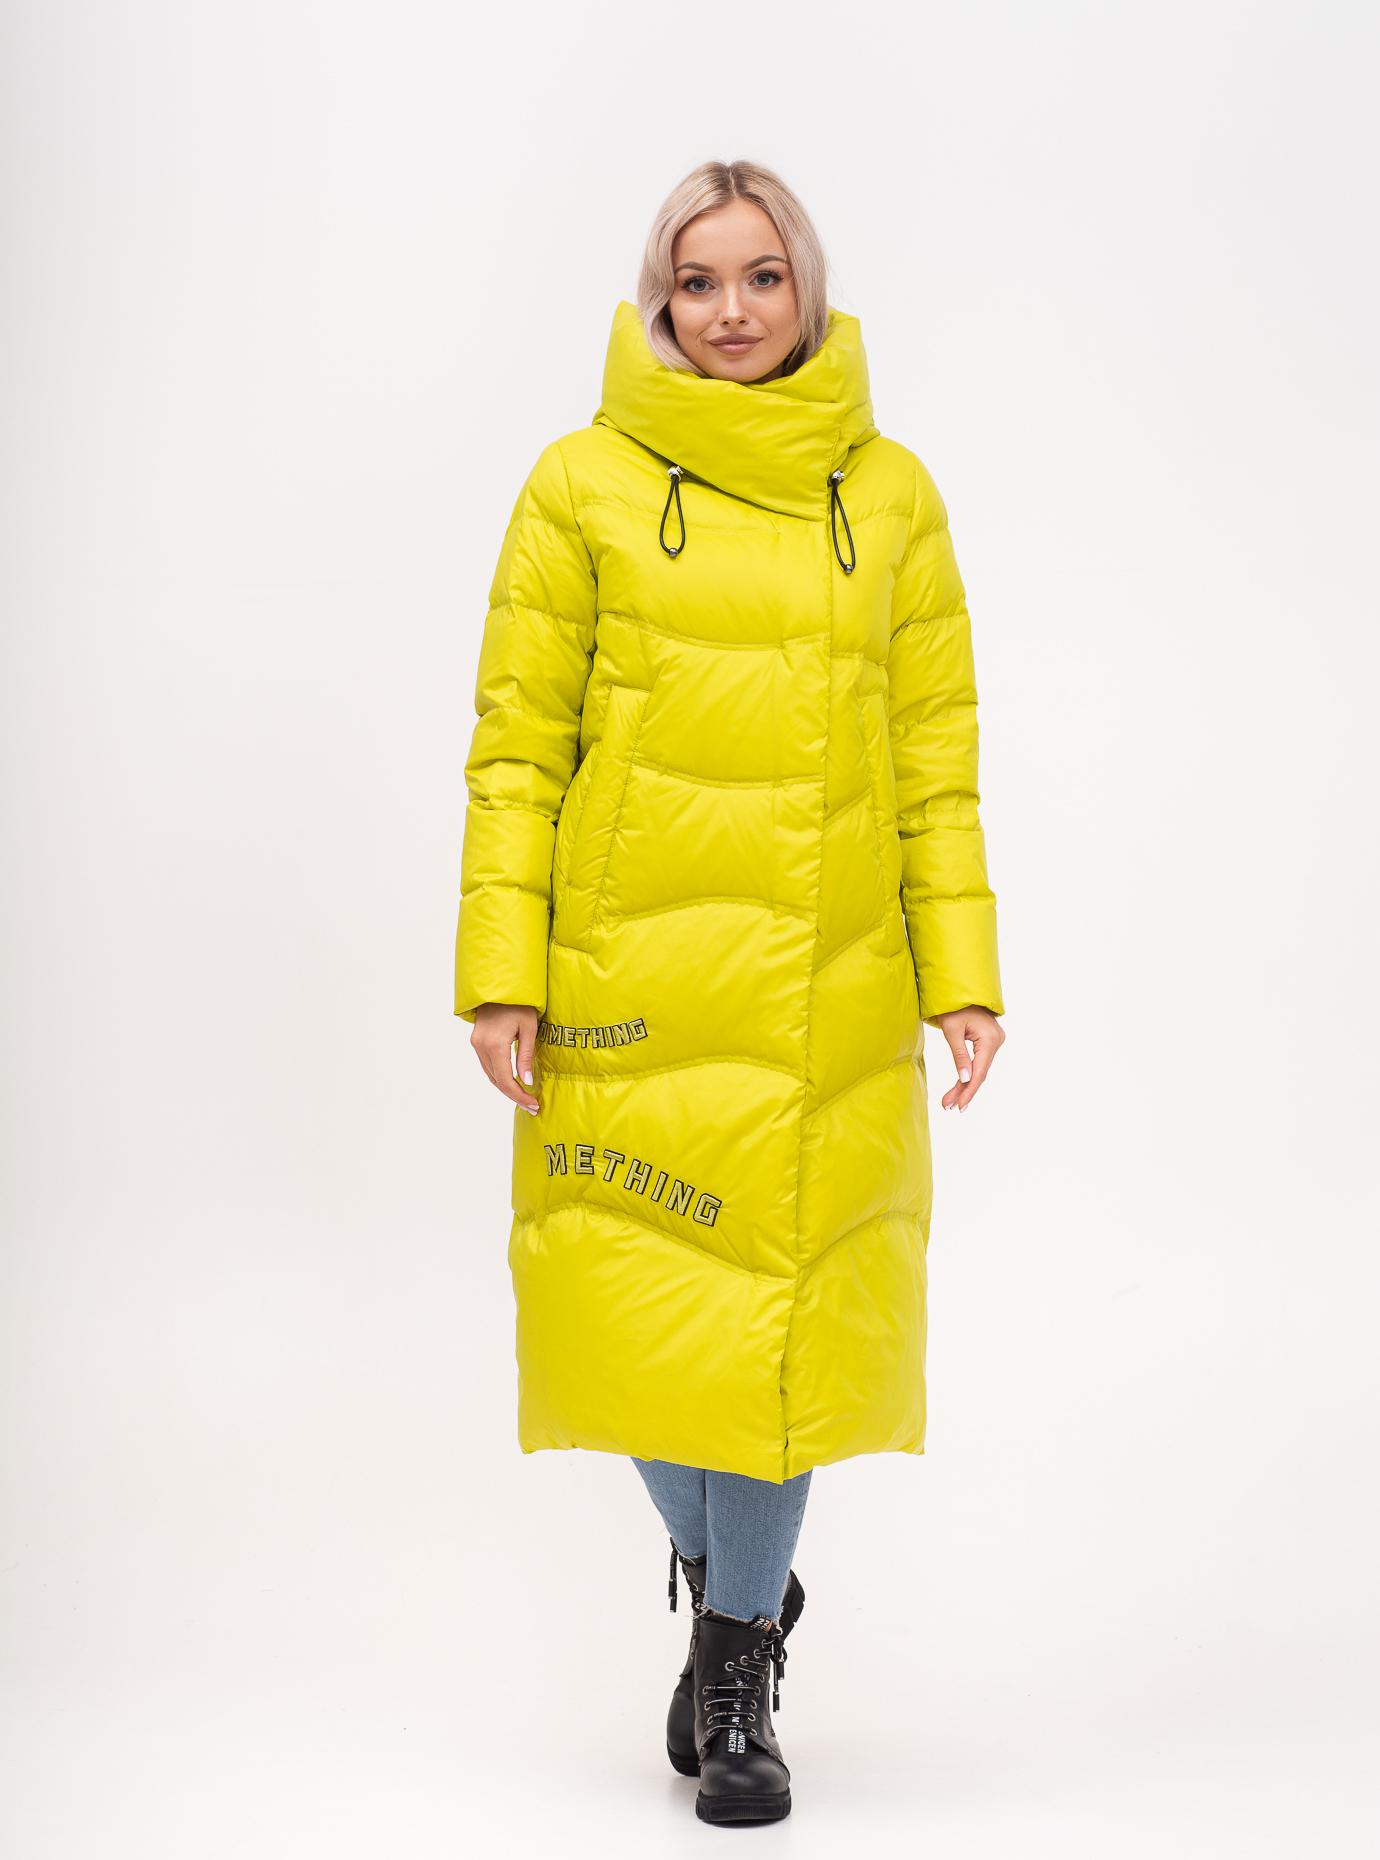 Пуховик зимний длинный прямой Жёлтый S (02-N200584): фото - Alster.ua